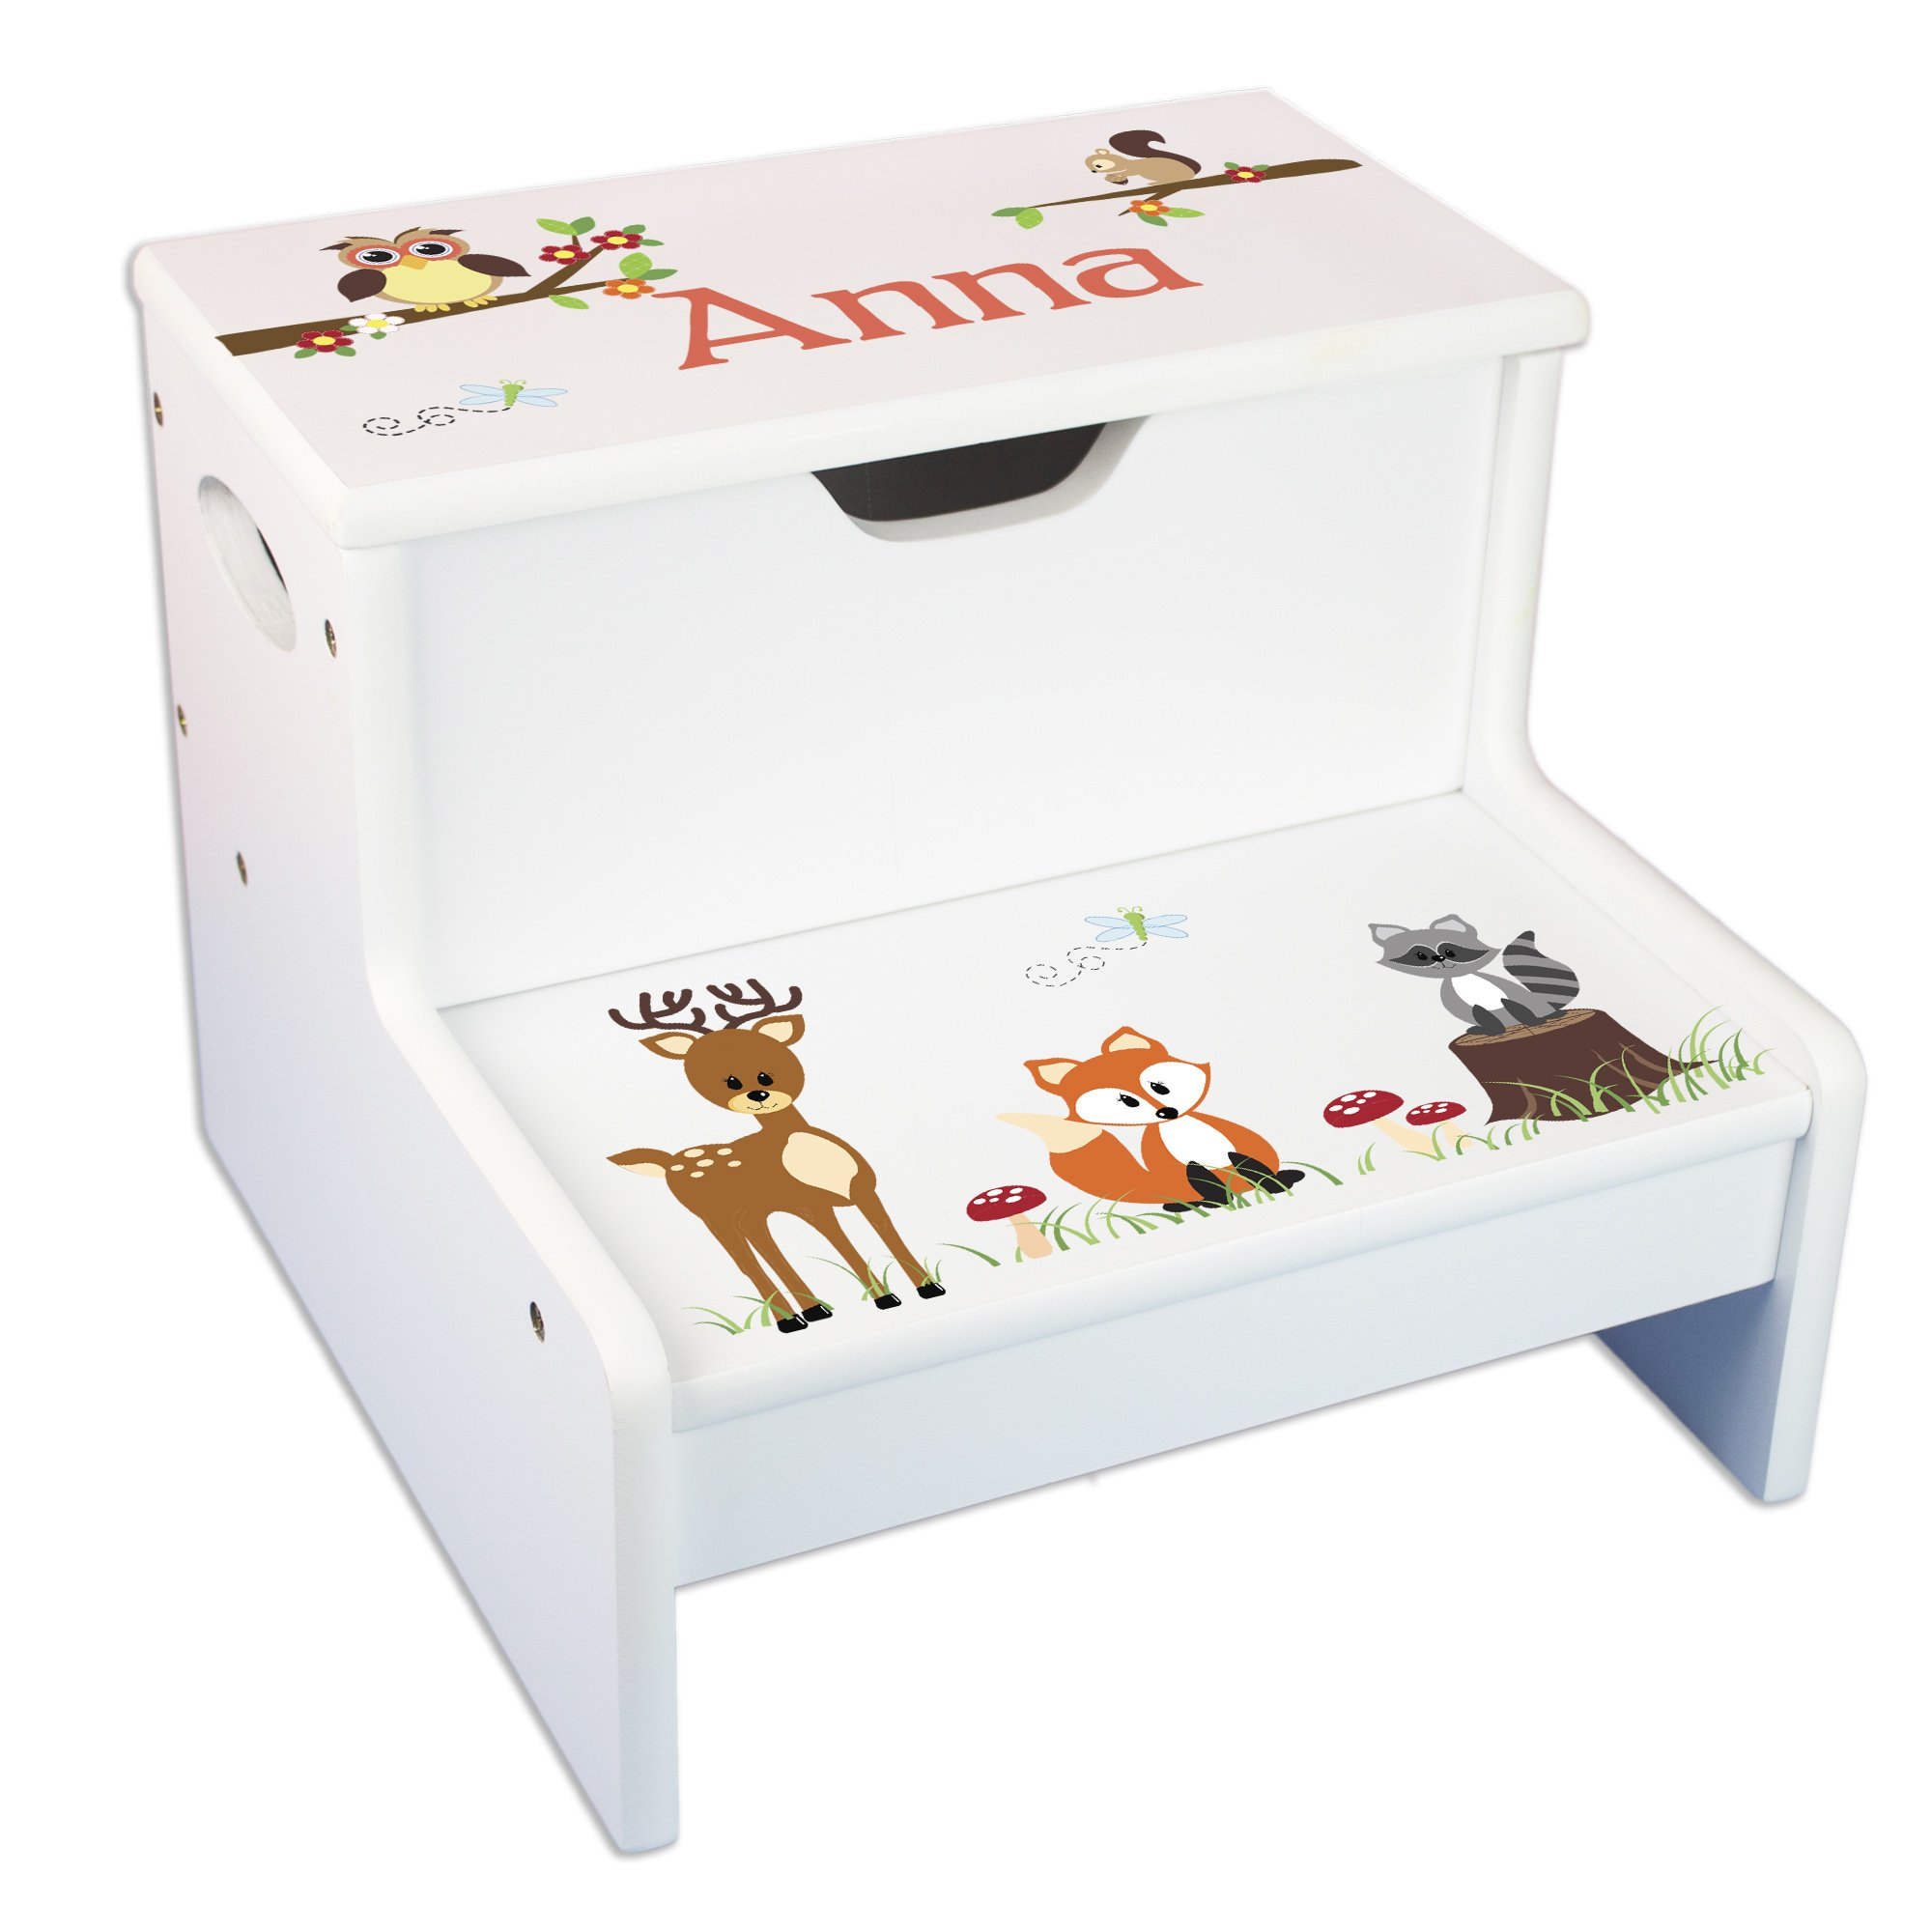 Personalized Woodland Critter Storage Step Stool by MyBambino